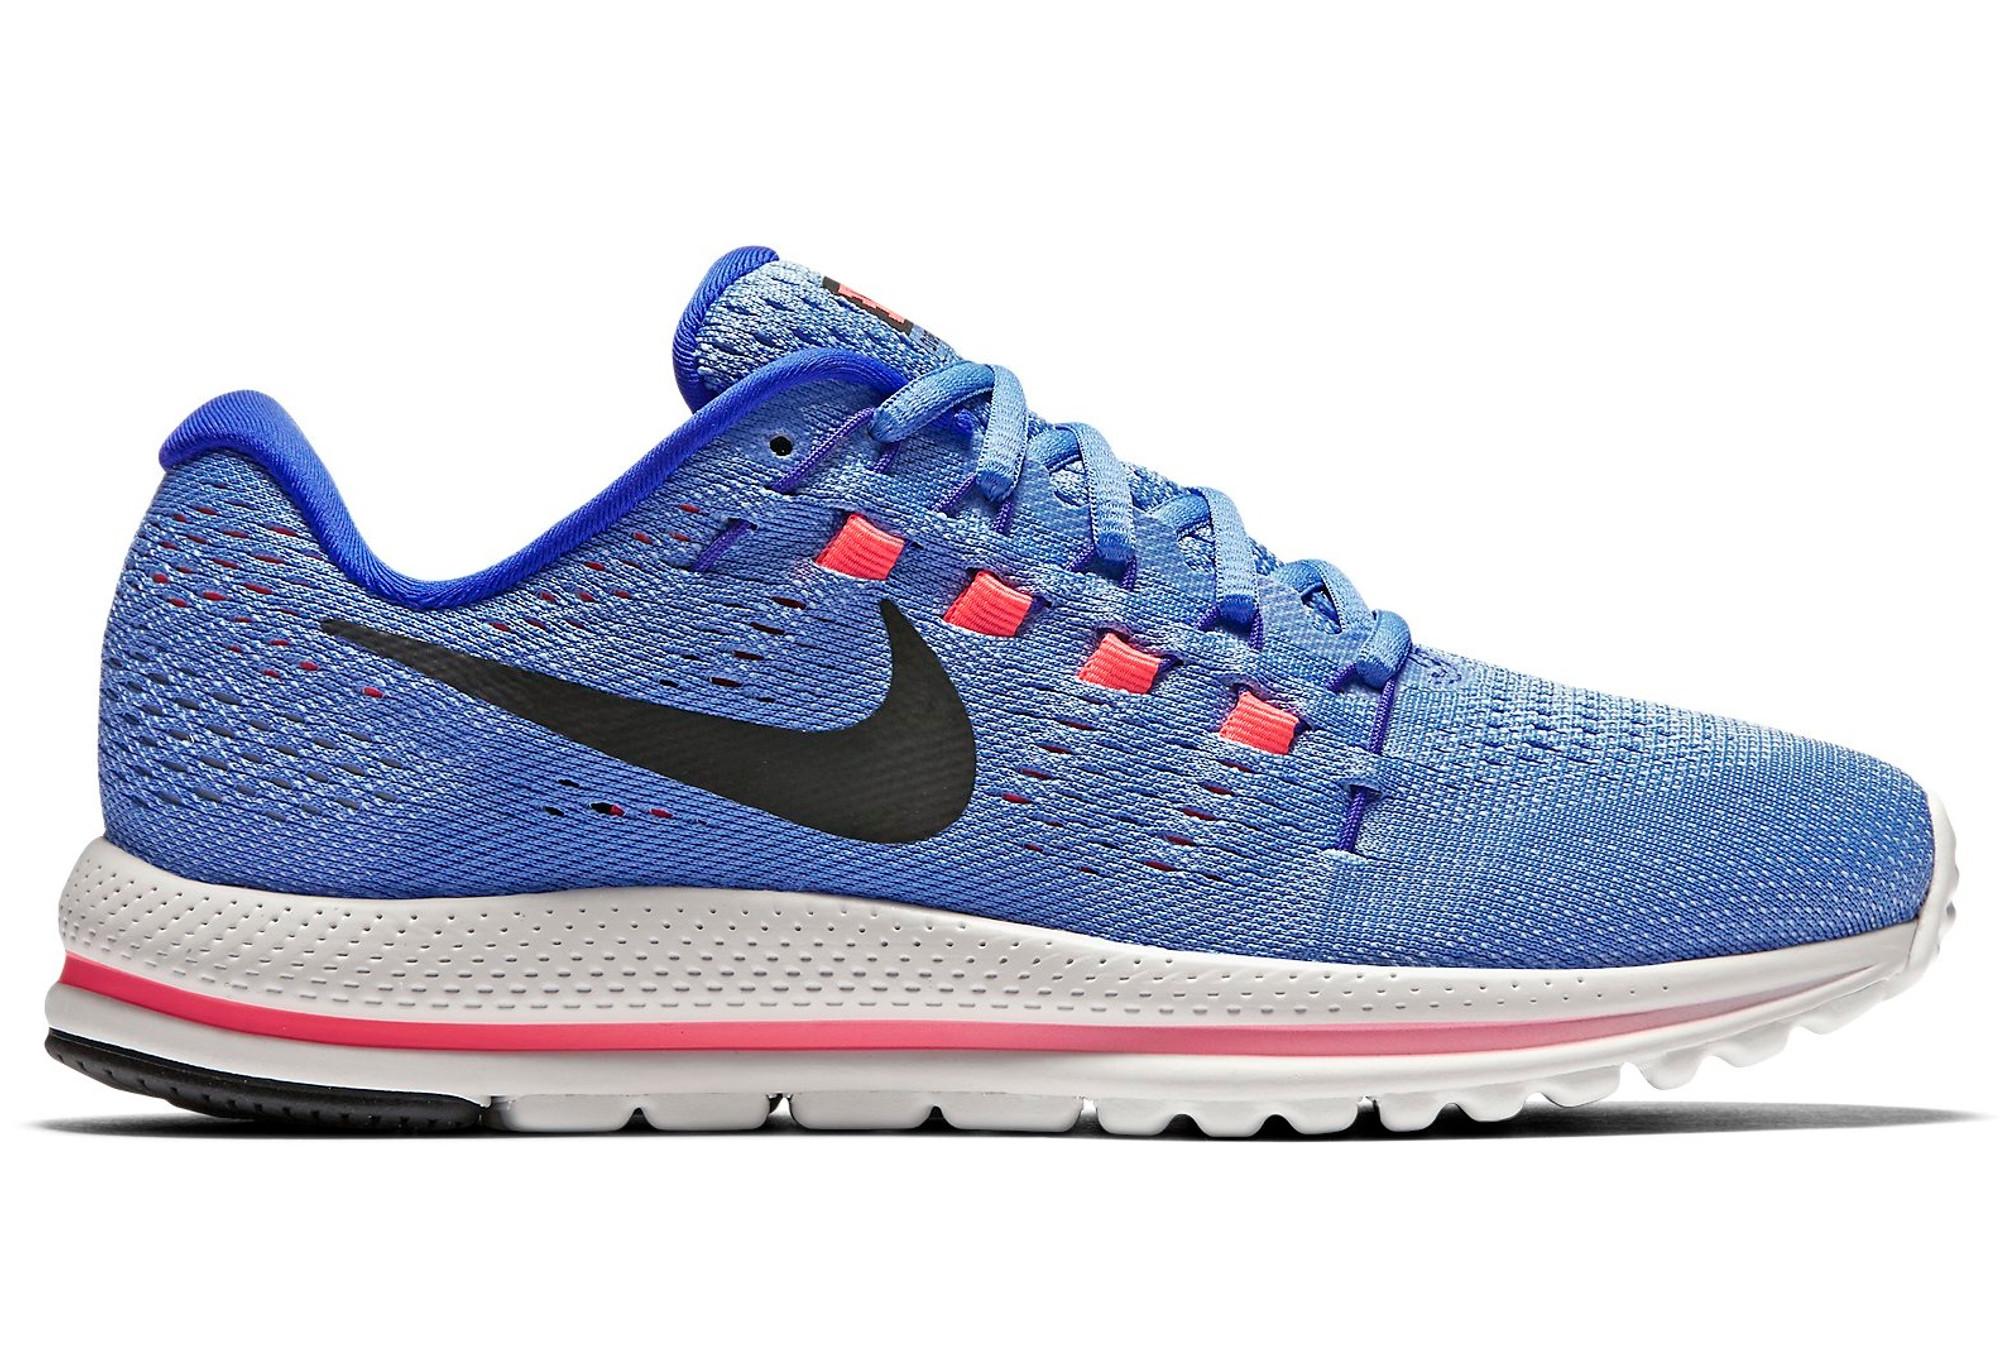 6c1184656b6 Chaussures de Running Femme Nike AIR ZOOM VOMERO 12 Bleu